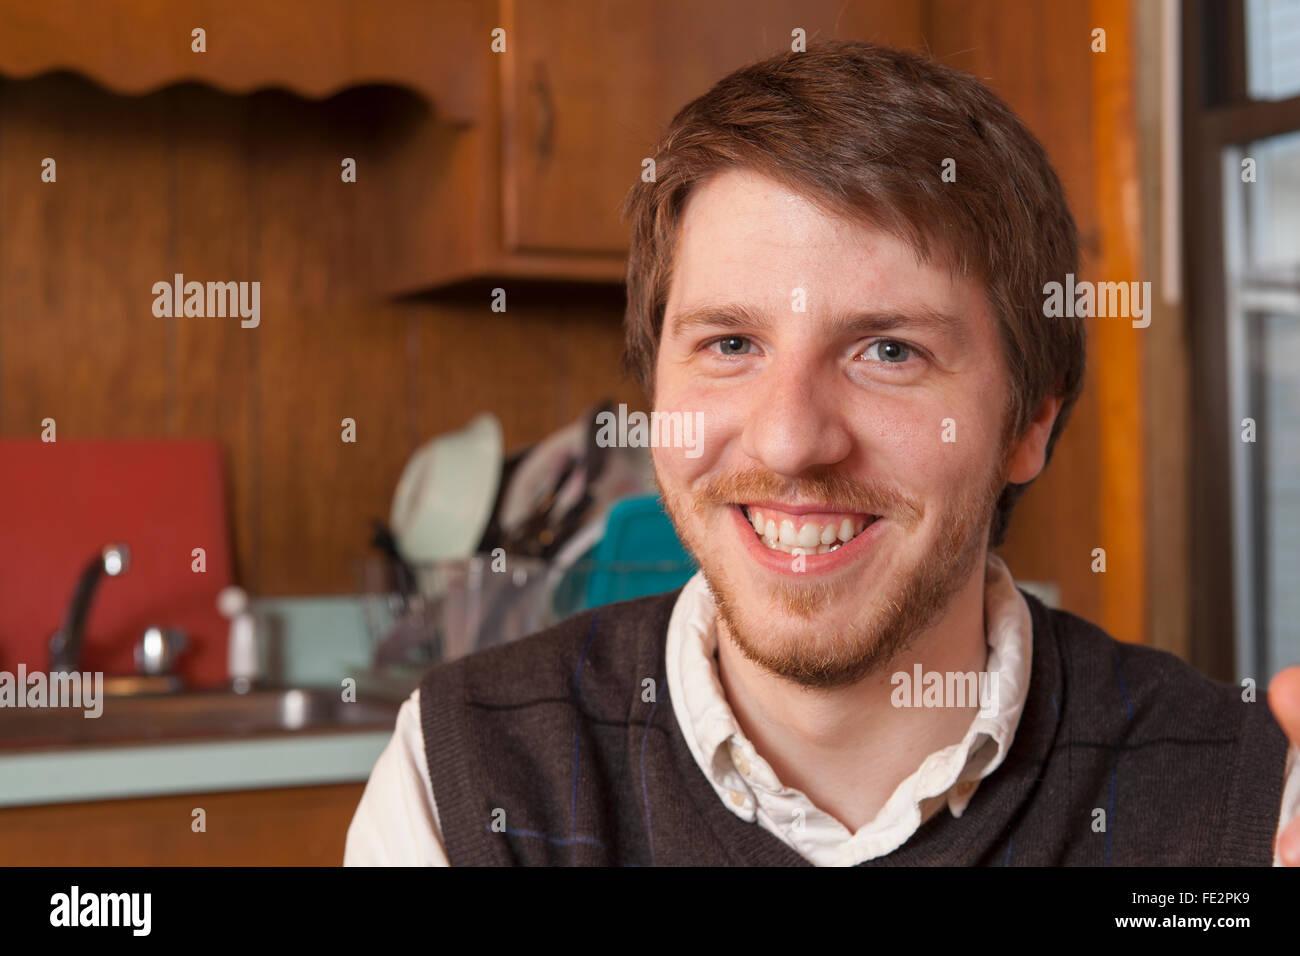 Jeune homme aveugle assis dans sa cuisine et smiling Photo Stock